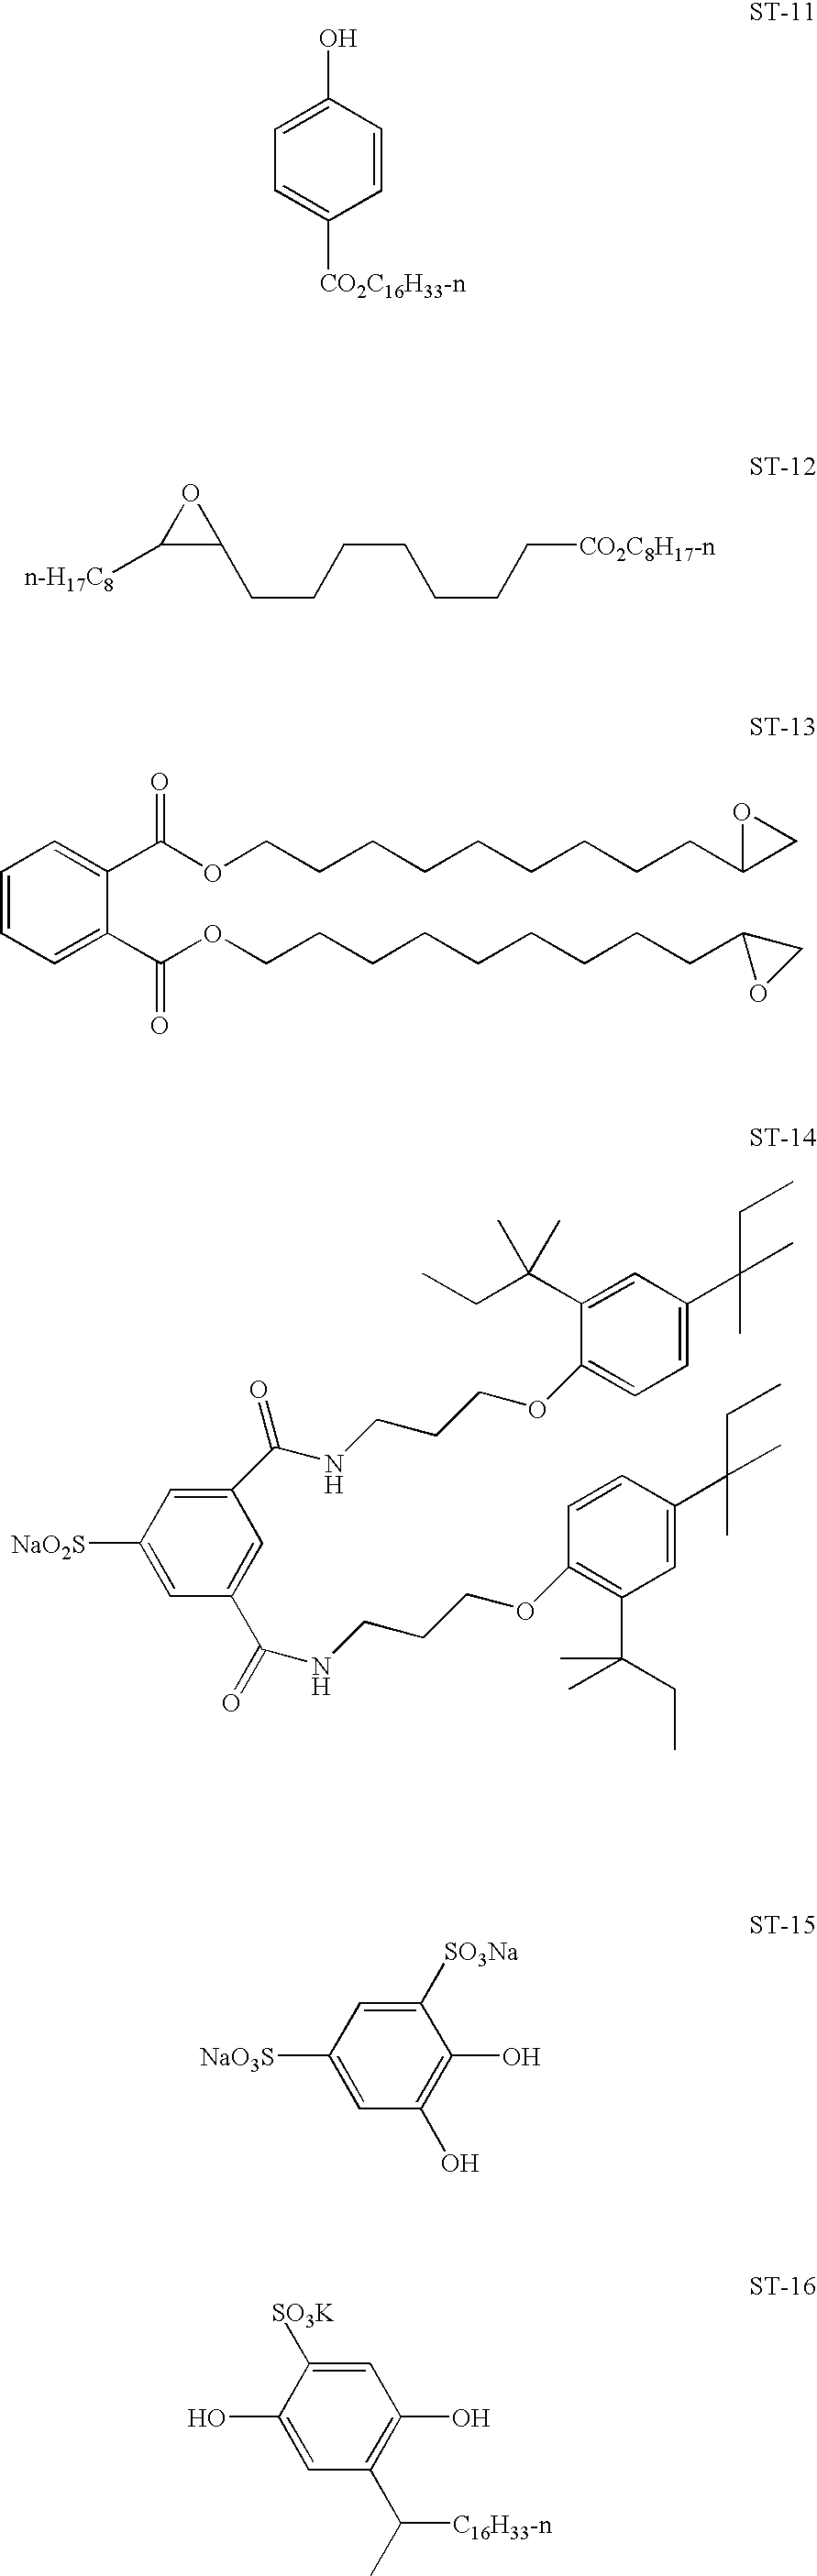 Figure US07255912-20070814-C00024